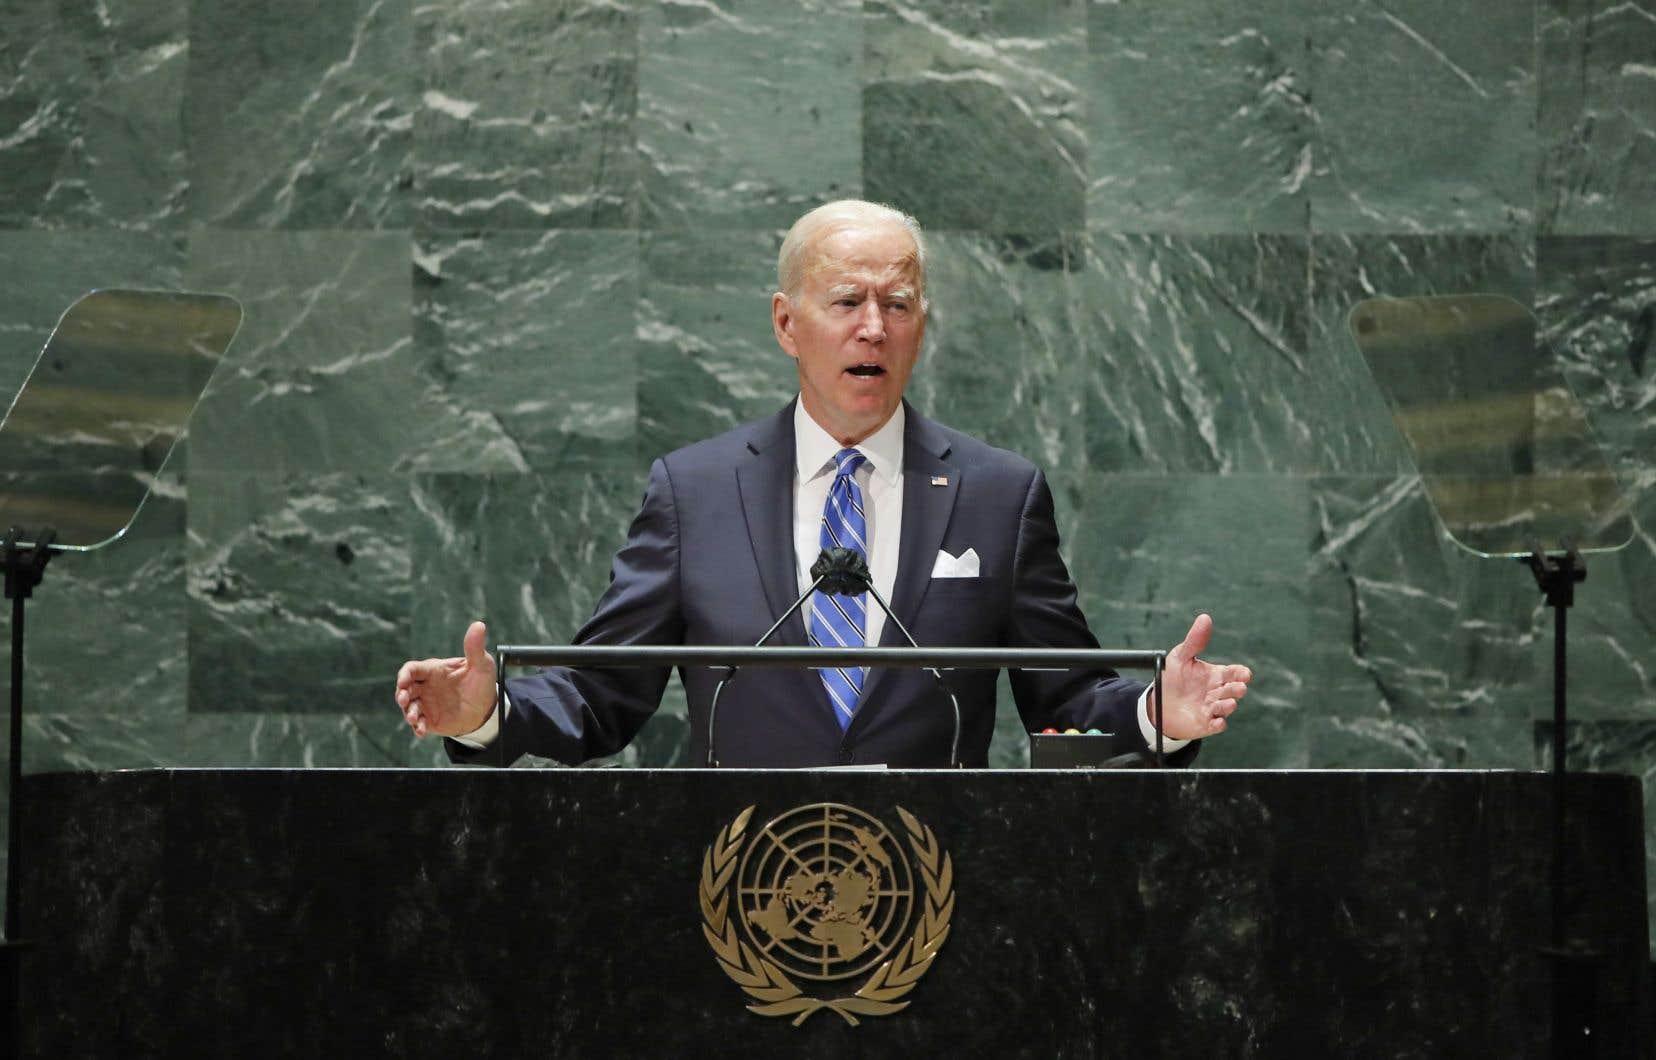 Haro de Biden sur les régimes autoritaires